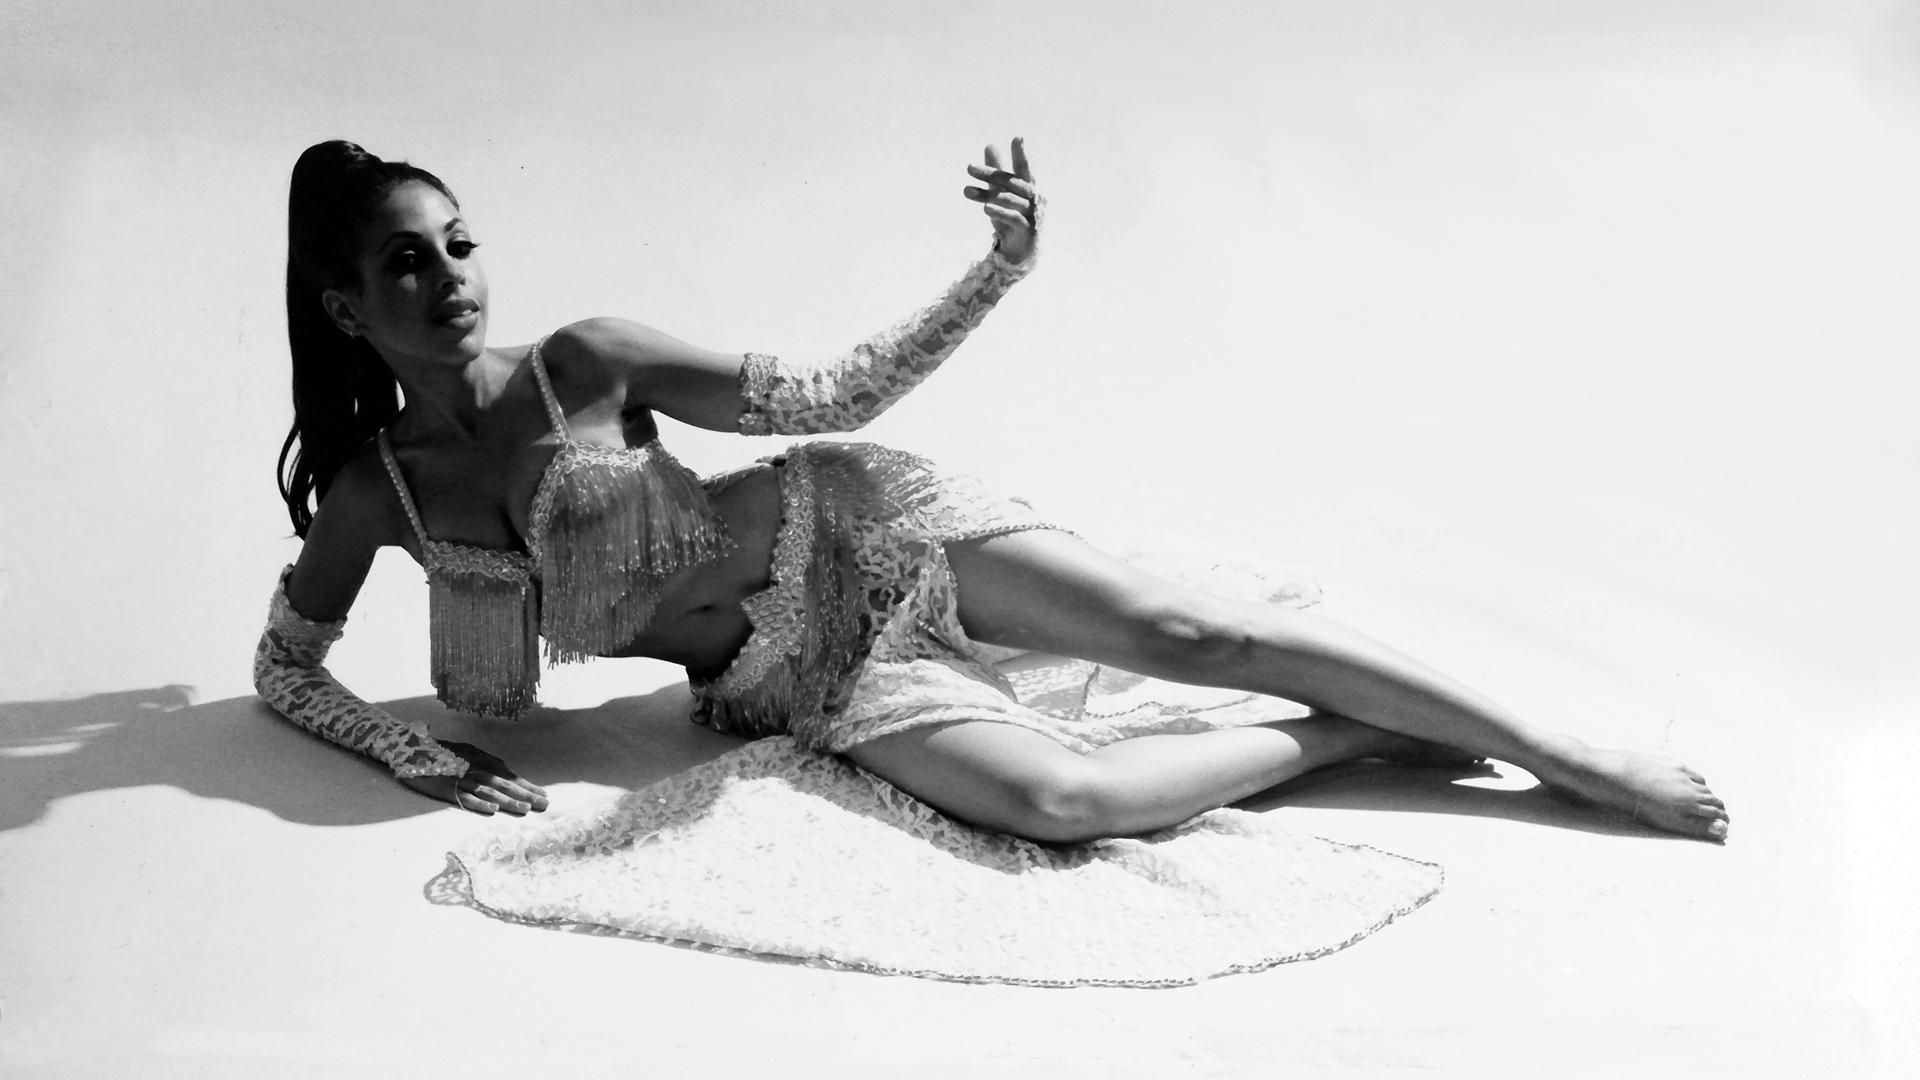 Tanzkunst Wien Paula Nadal Tanzkunstmentorin des orientalischen Tanzes -Bauchtanz als Kunstform Foto schwarz weisse